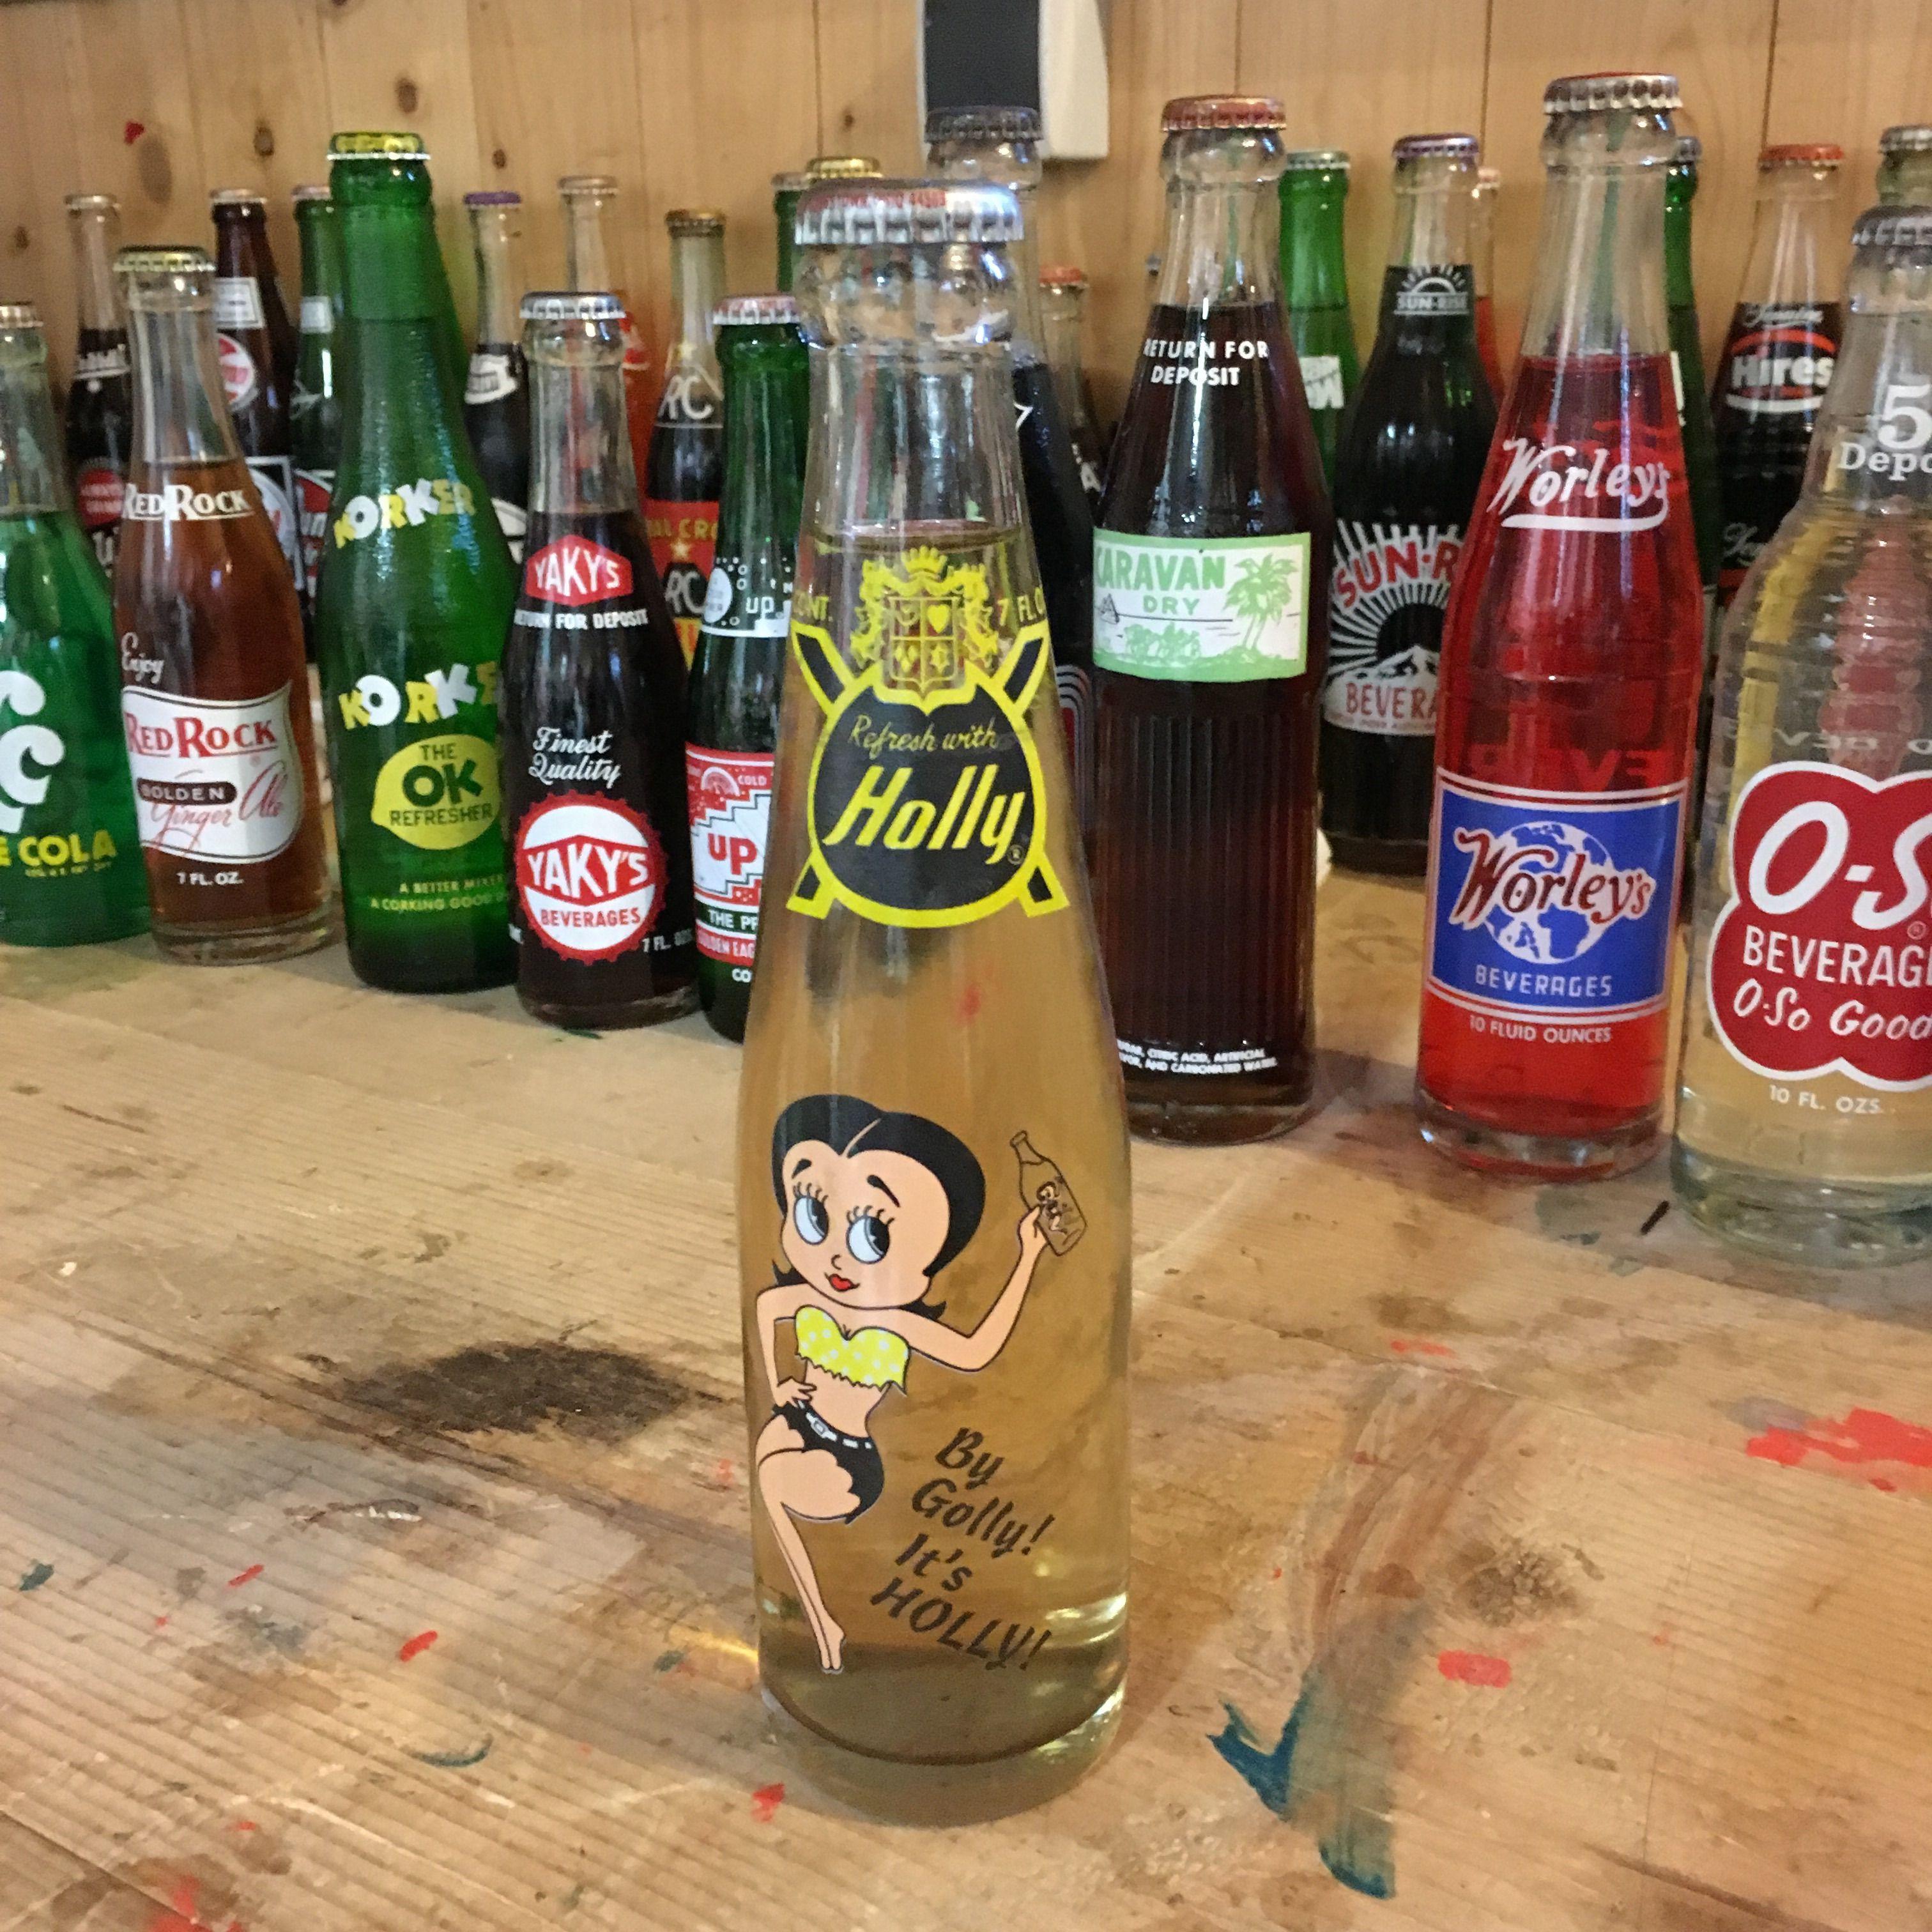 Vintage Holly soda bottle full